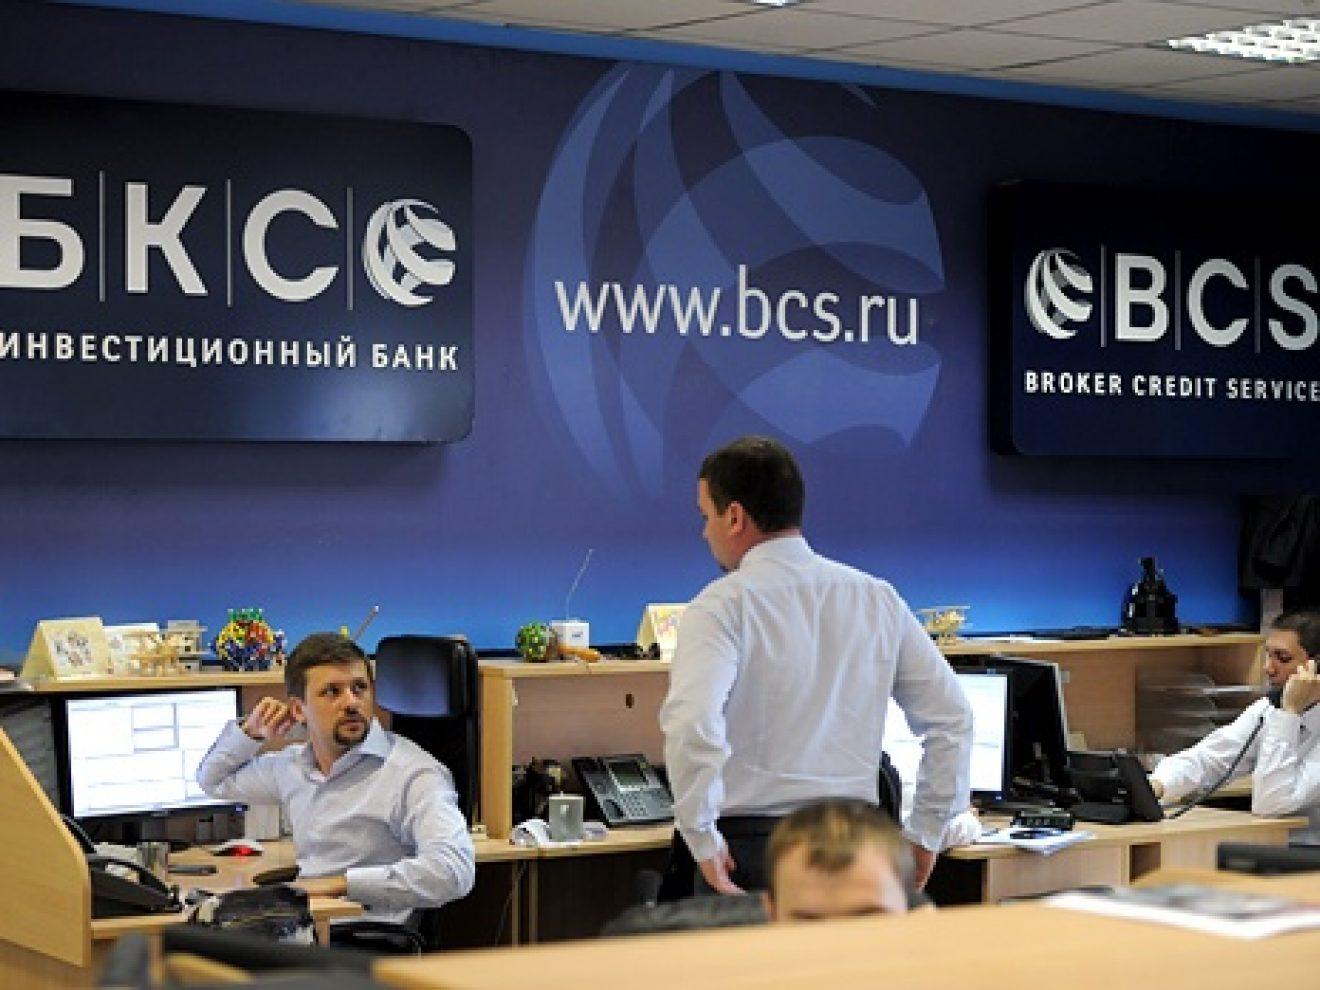 nomer-telefona-trans-bank